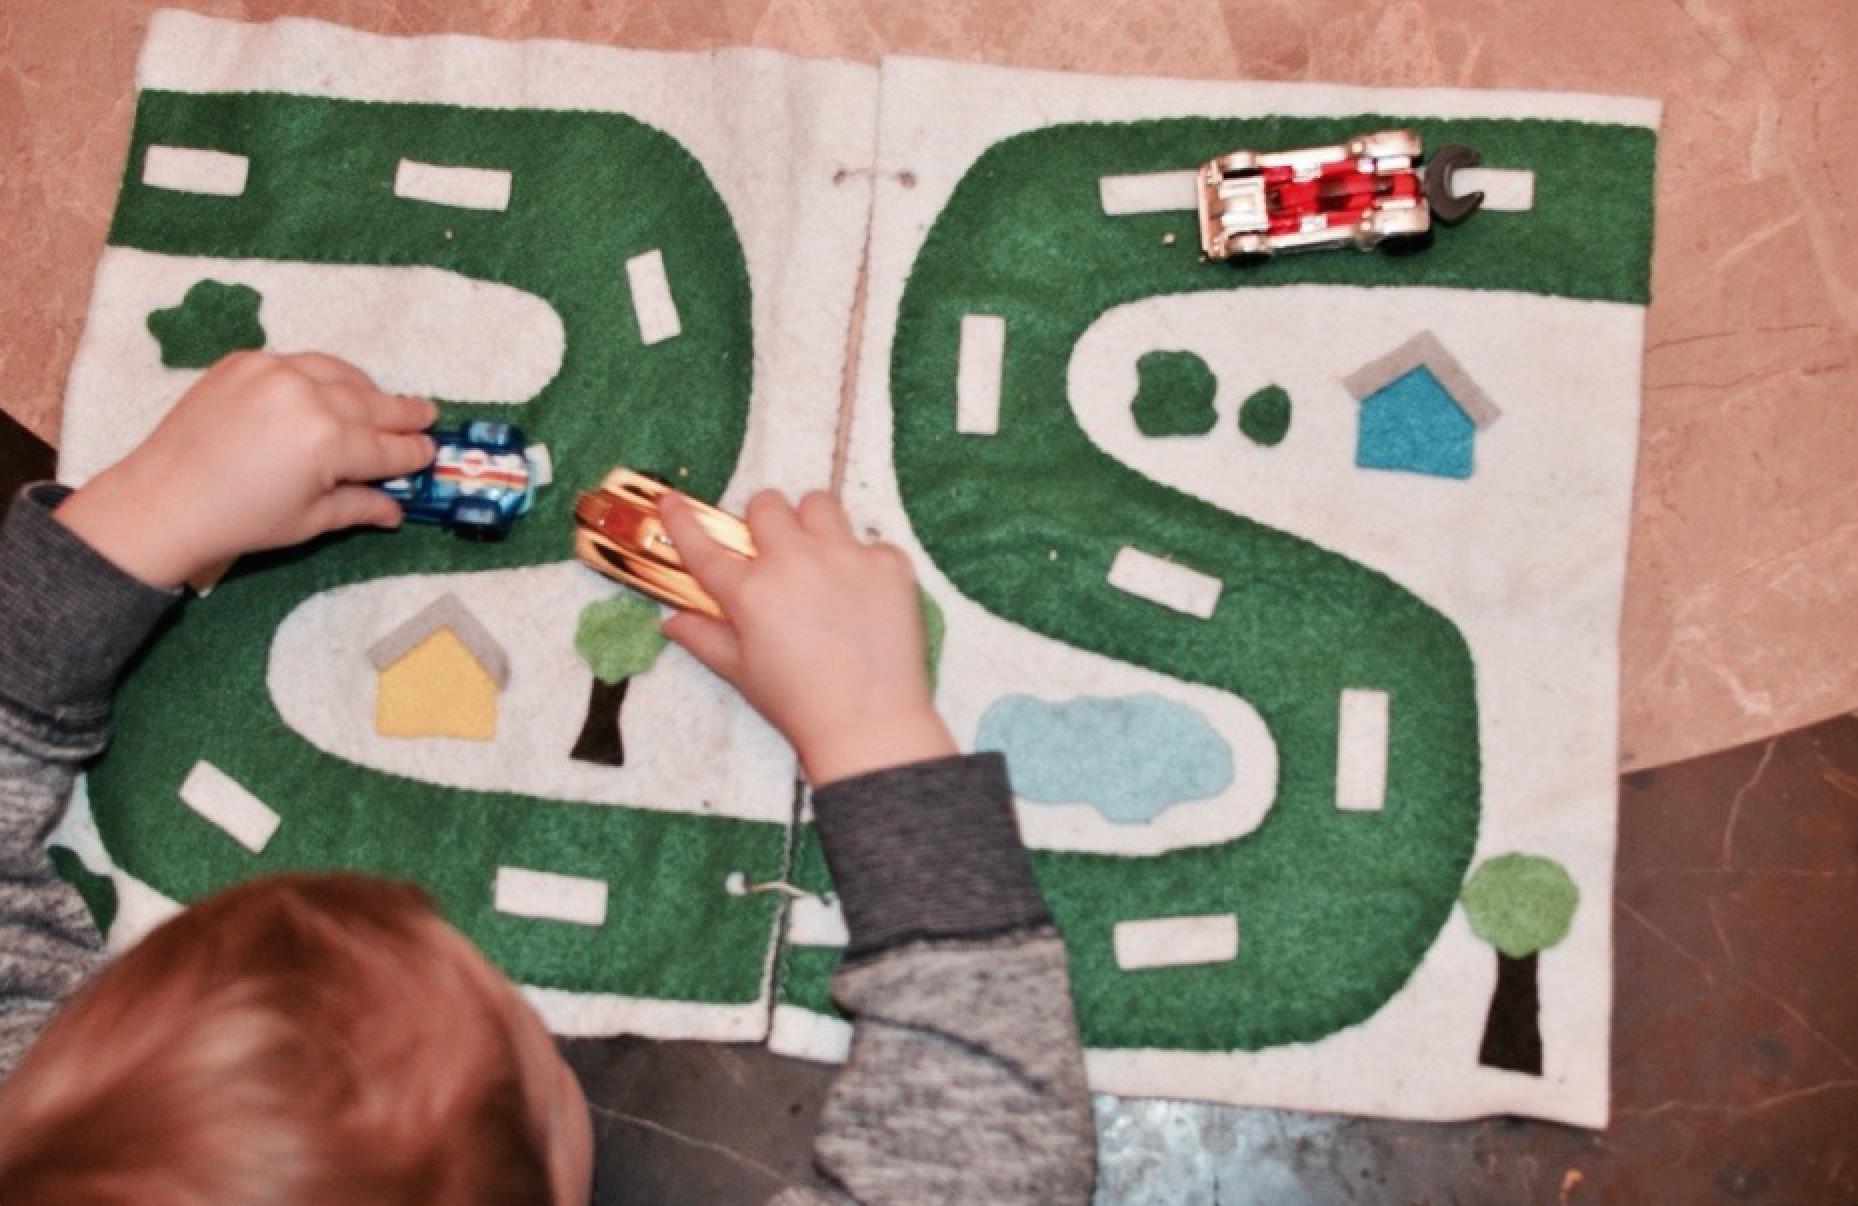 Idée De Jeux : Une Piste De Course Parfaite Pour Voyager tout Jeux Course Enfant